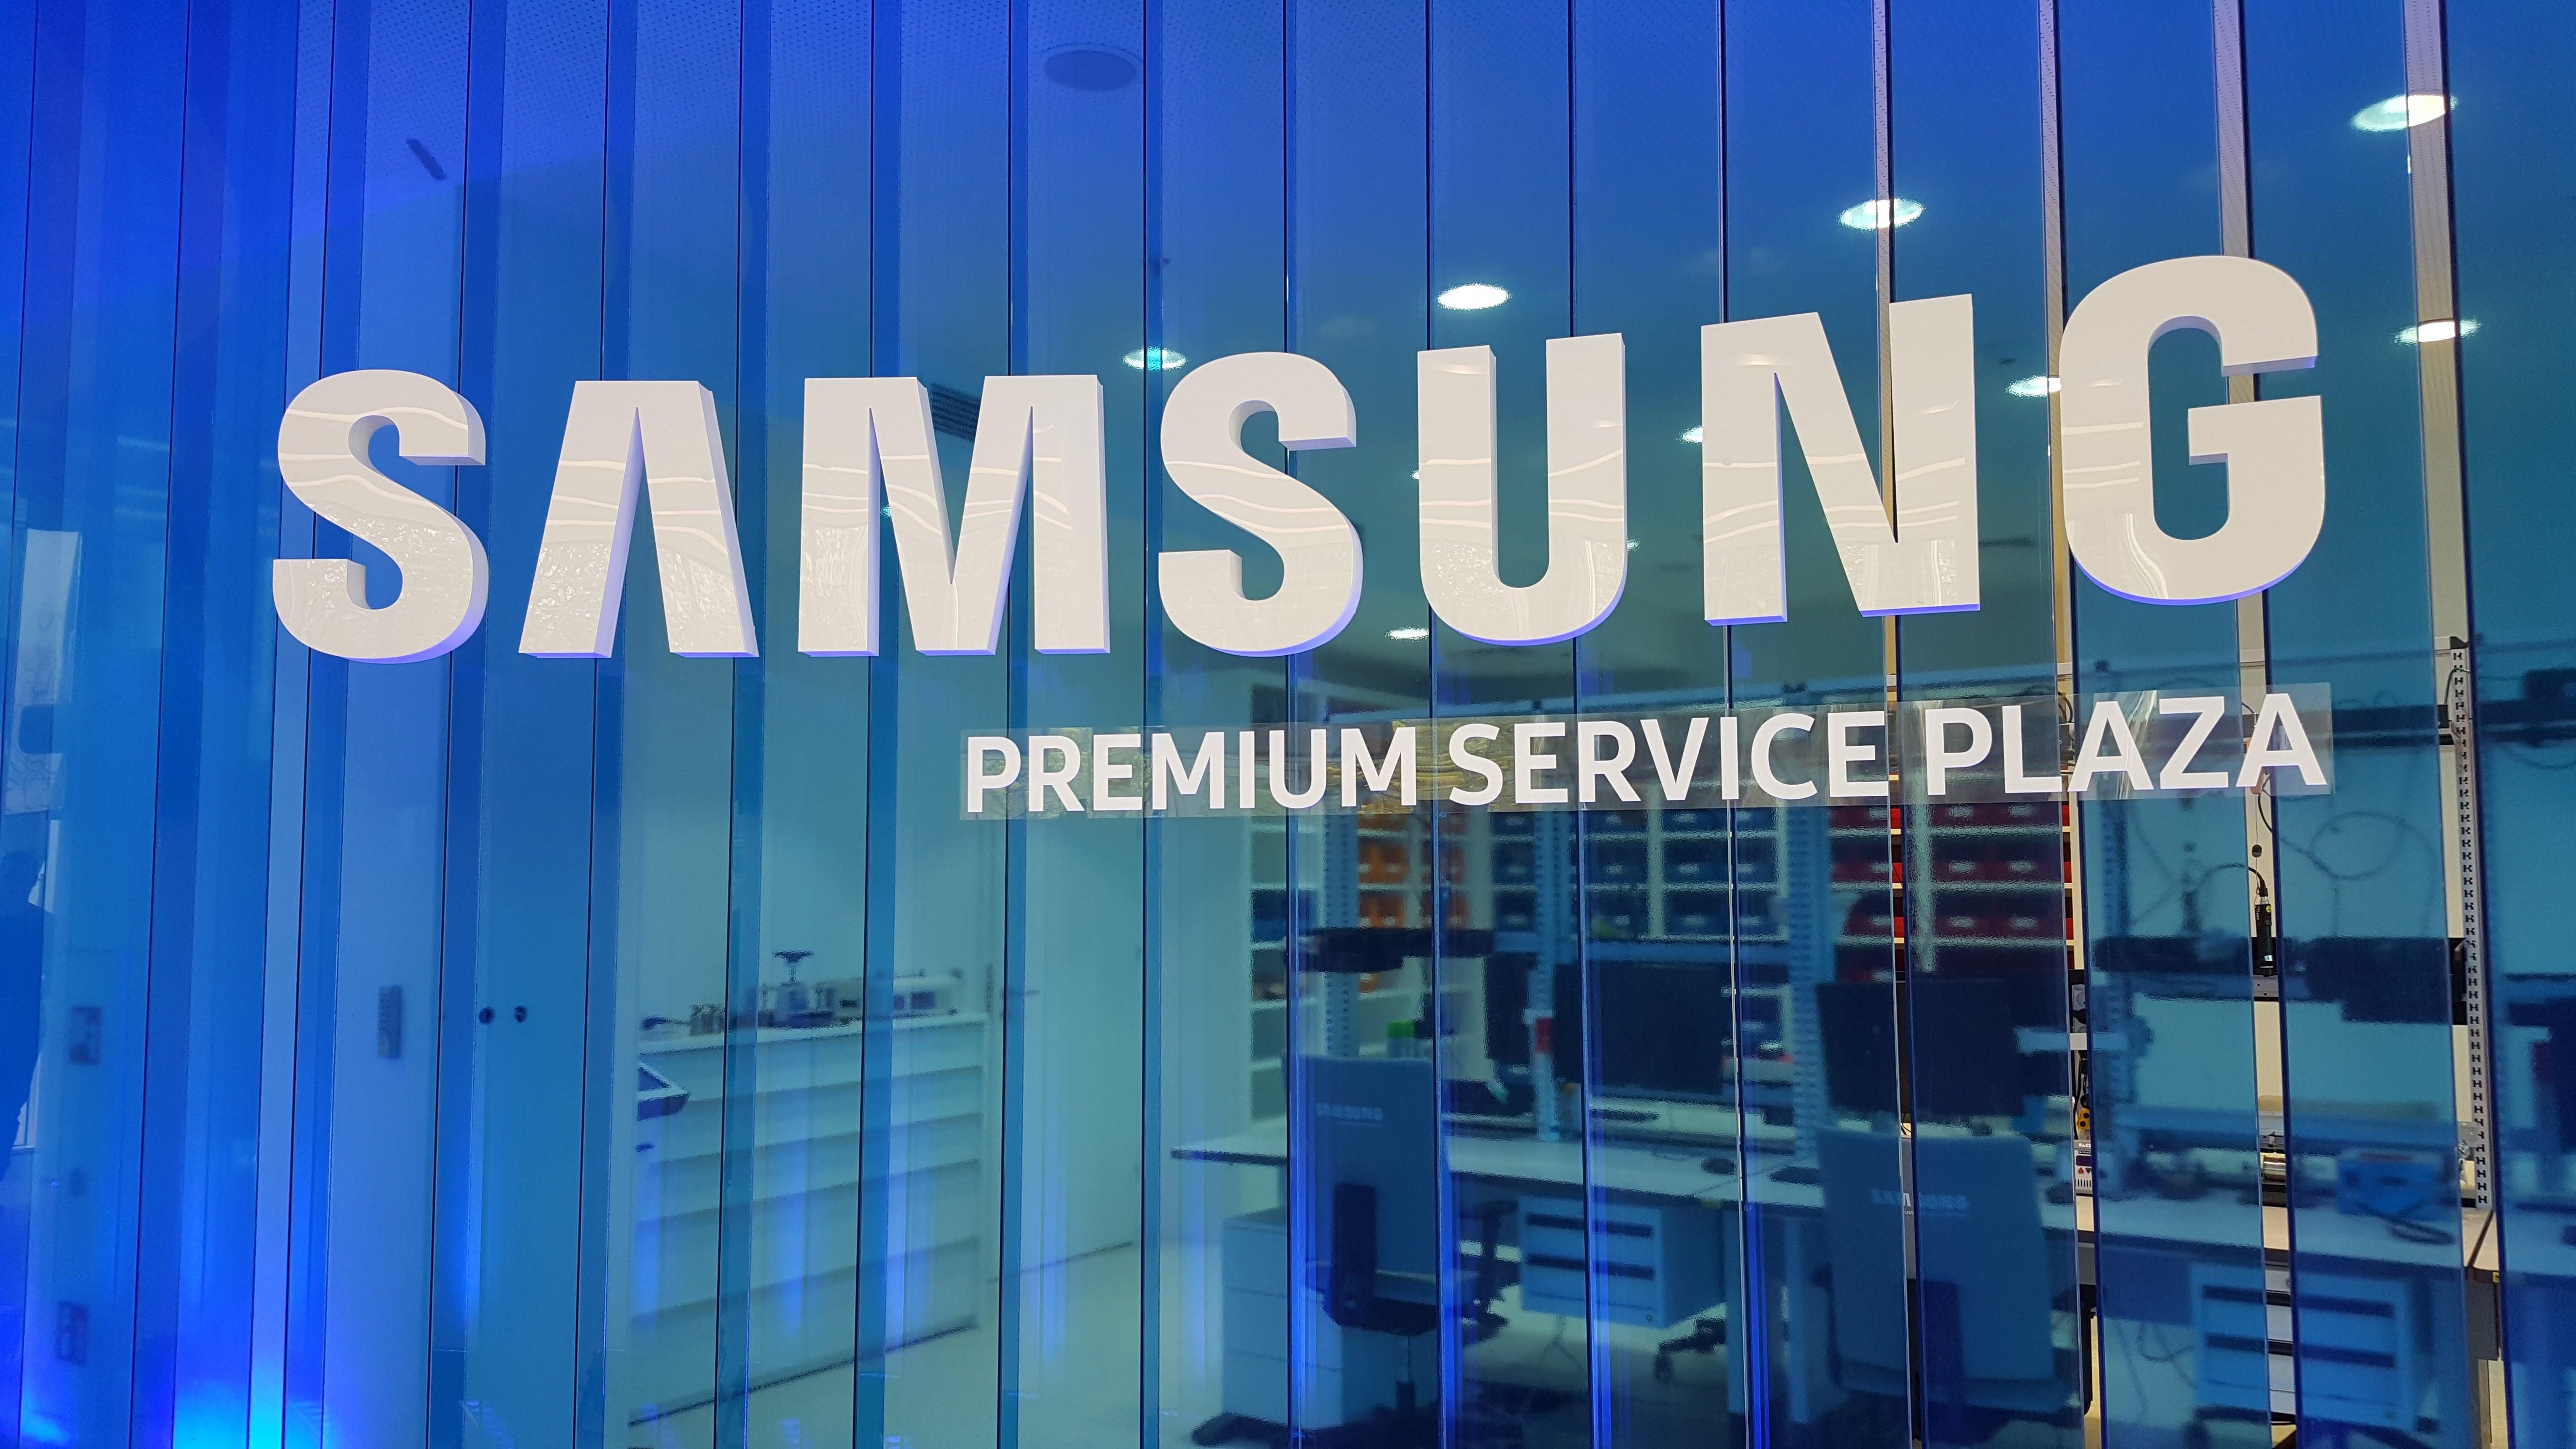 Tabletowo.pl Naprawa smartfona w godzinę? Tak, to już możliwe - Samsung otwiera Premium Service Plaza w Warszawie Krótko Nowości